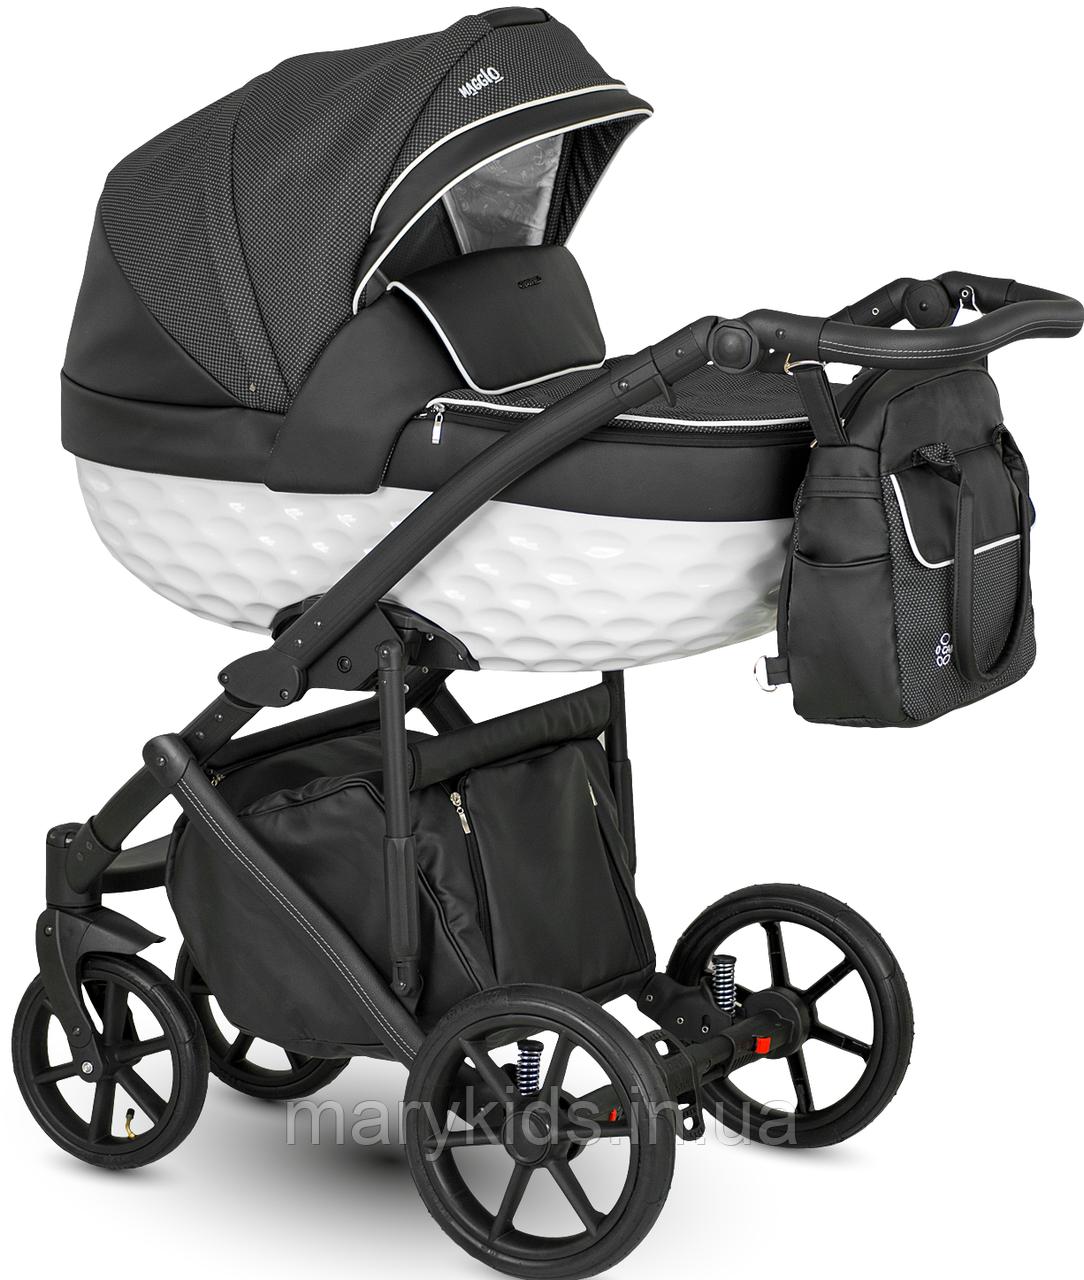 Детская универсальная коляска 2 в 1 Camarelo Maggio Mg-4